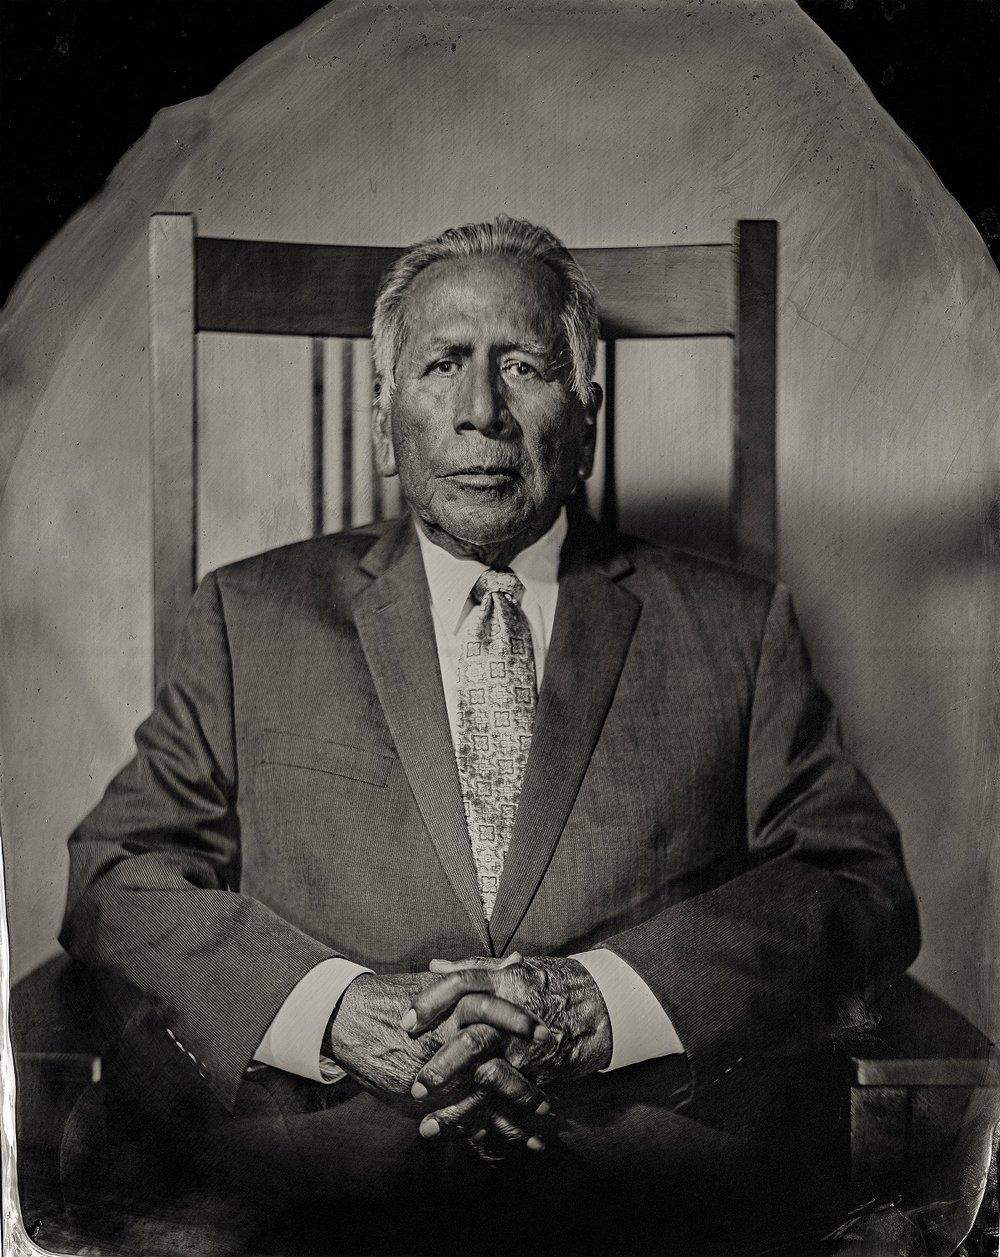 Will Wilson, Enoch Kelly Haney, citizen of Seminole Nation of Oklahoma, 2016